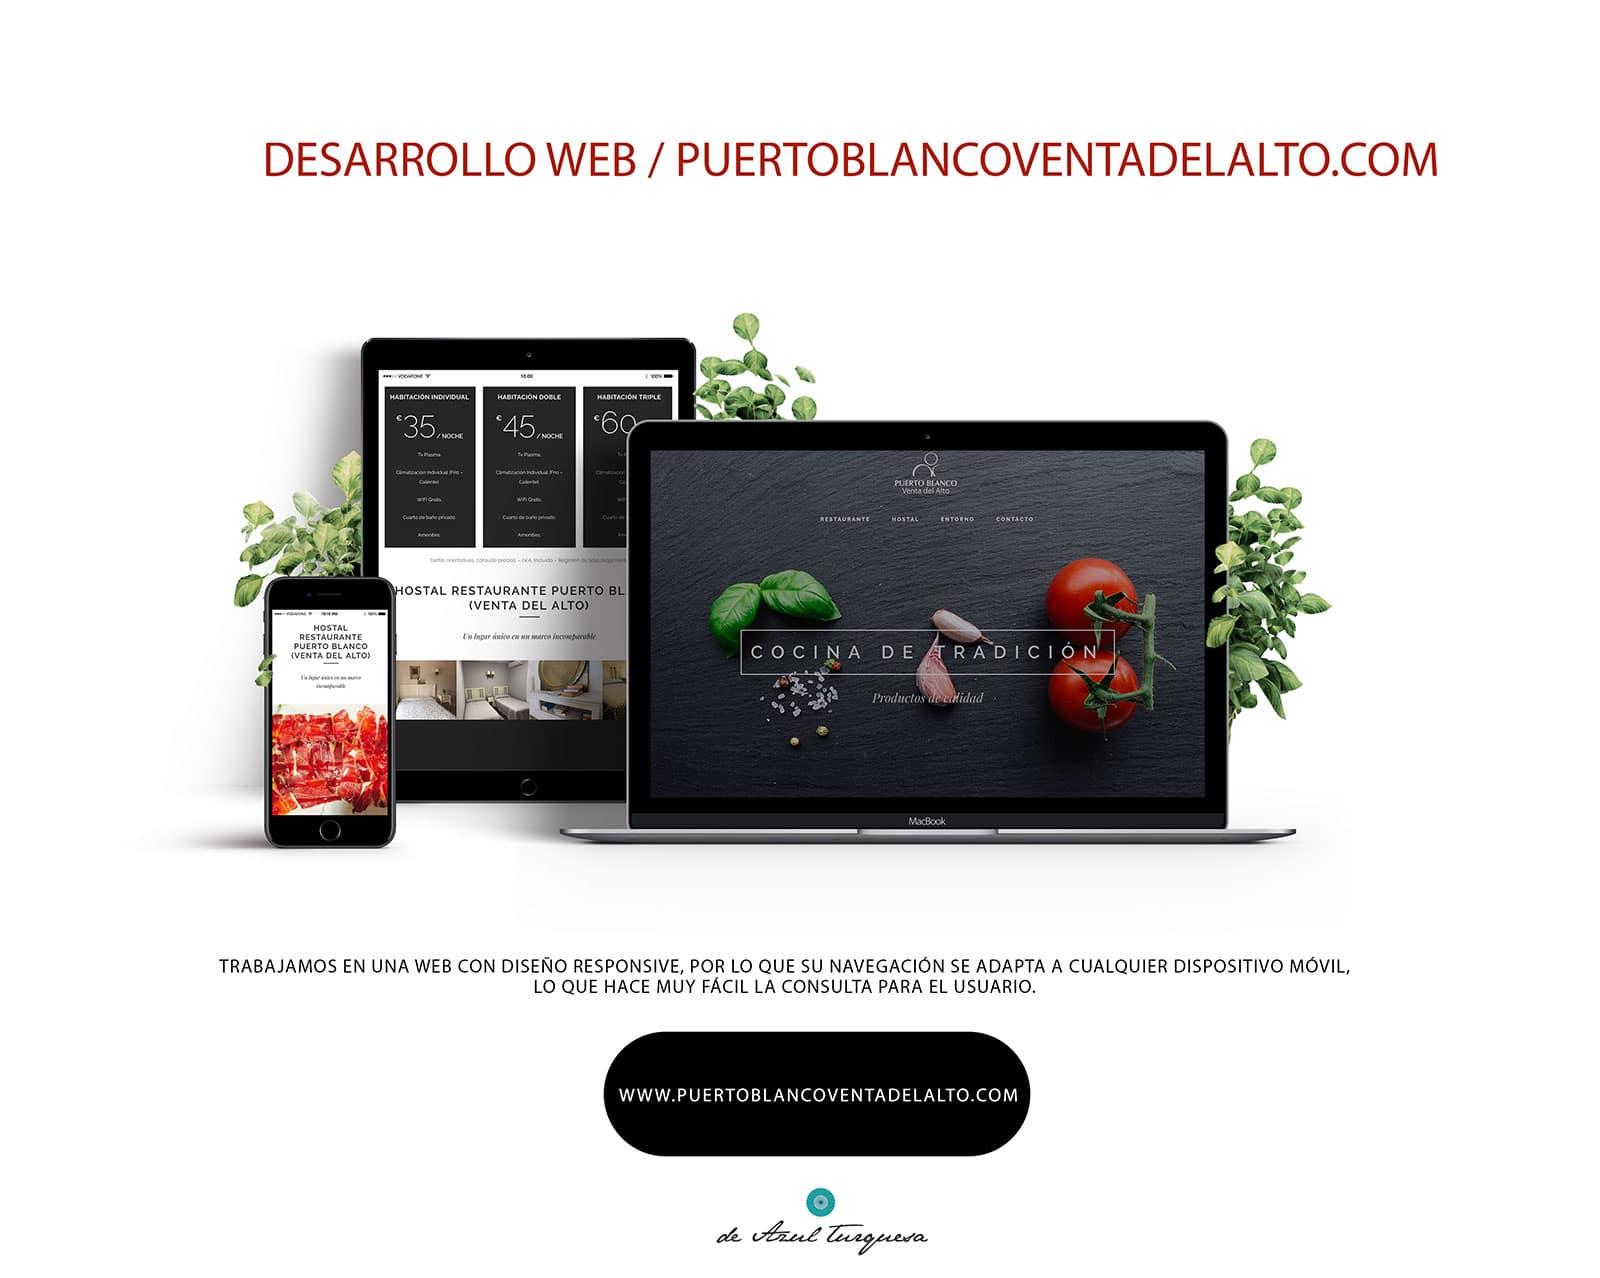 diseño de páginas web de azul turquesa